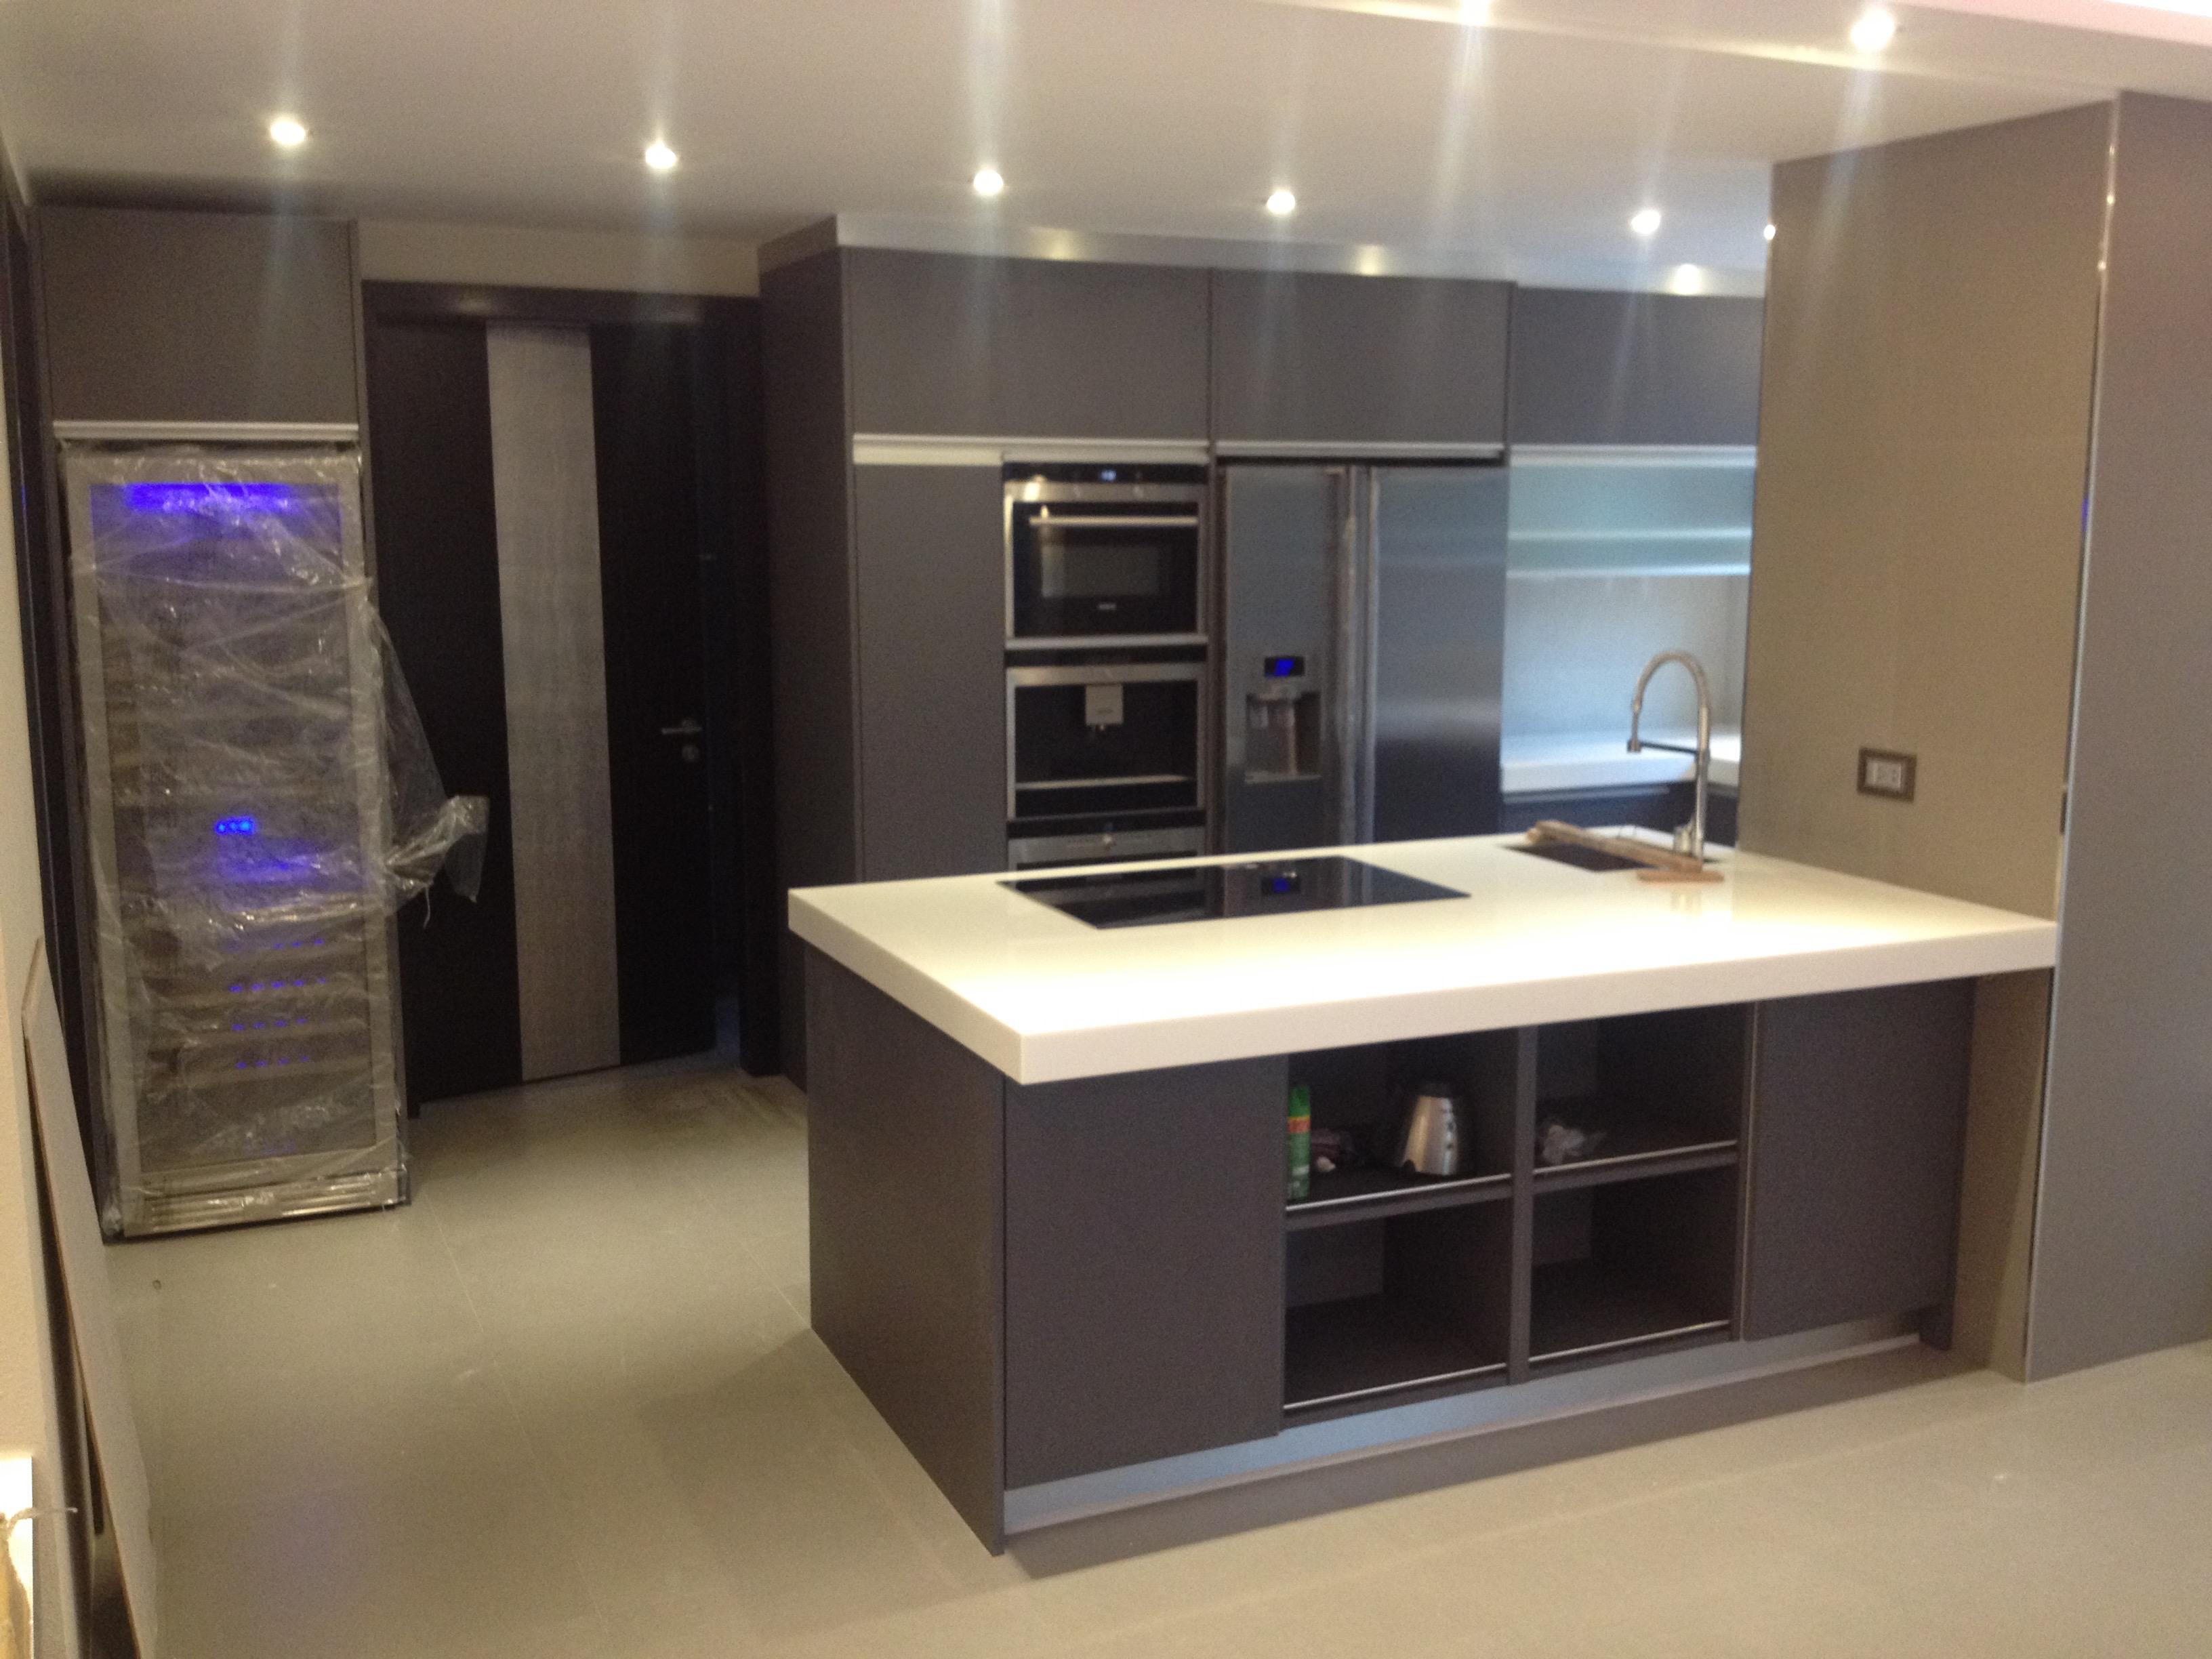 kitchens (15)